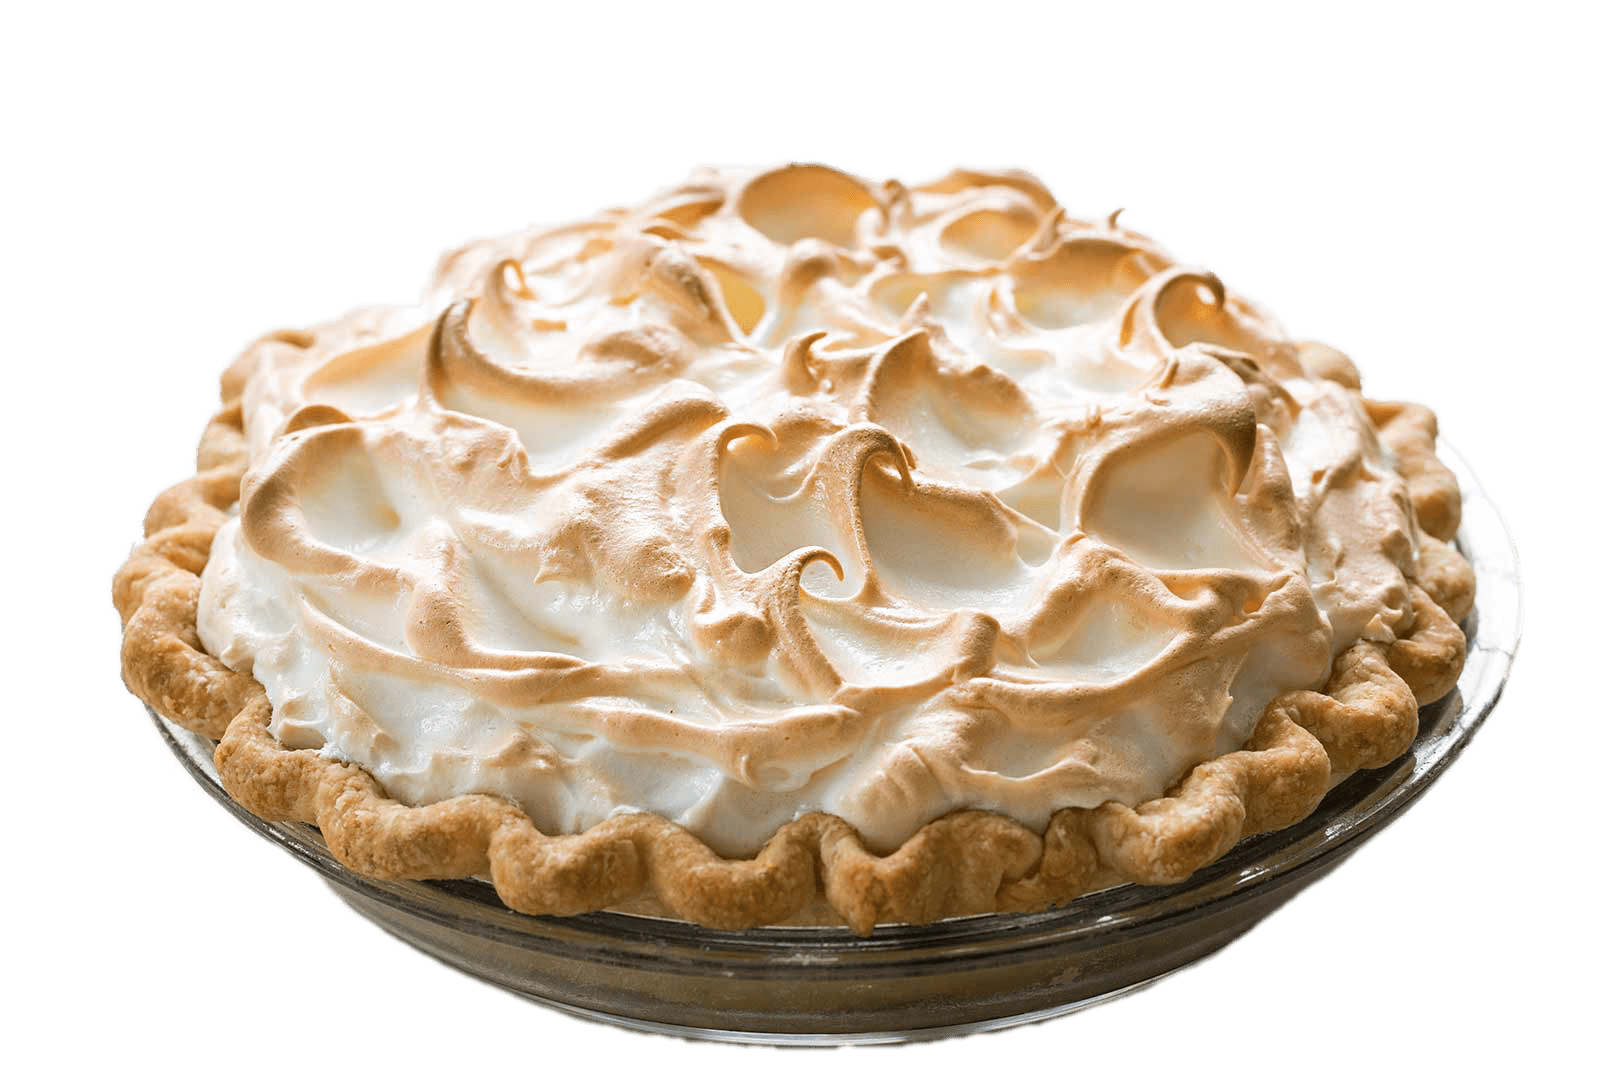 Pie clipart lemon meringue pie. Transparent png stickpng